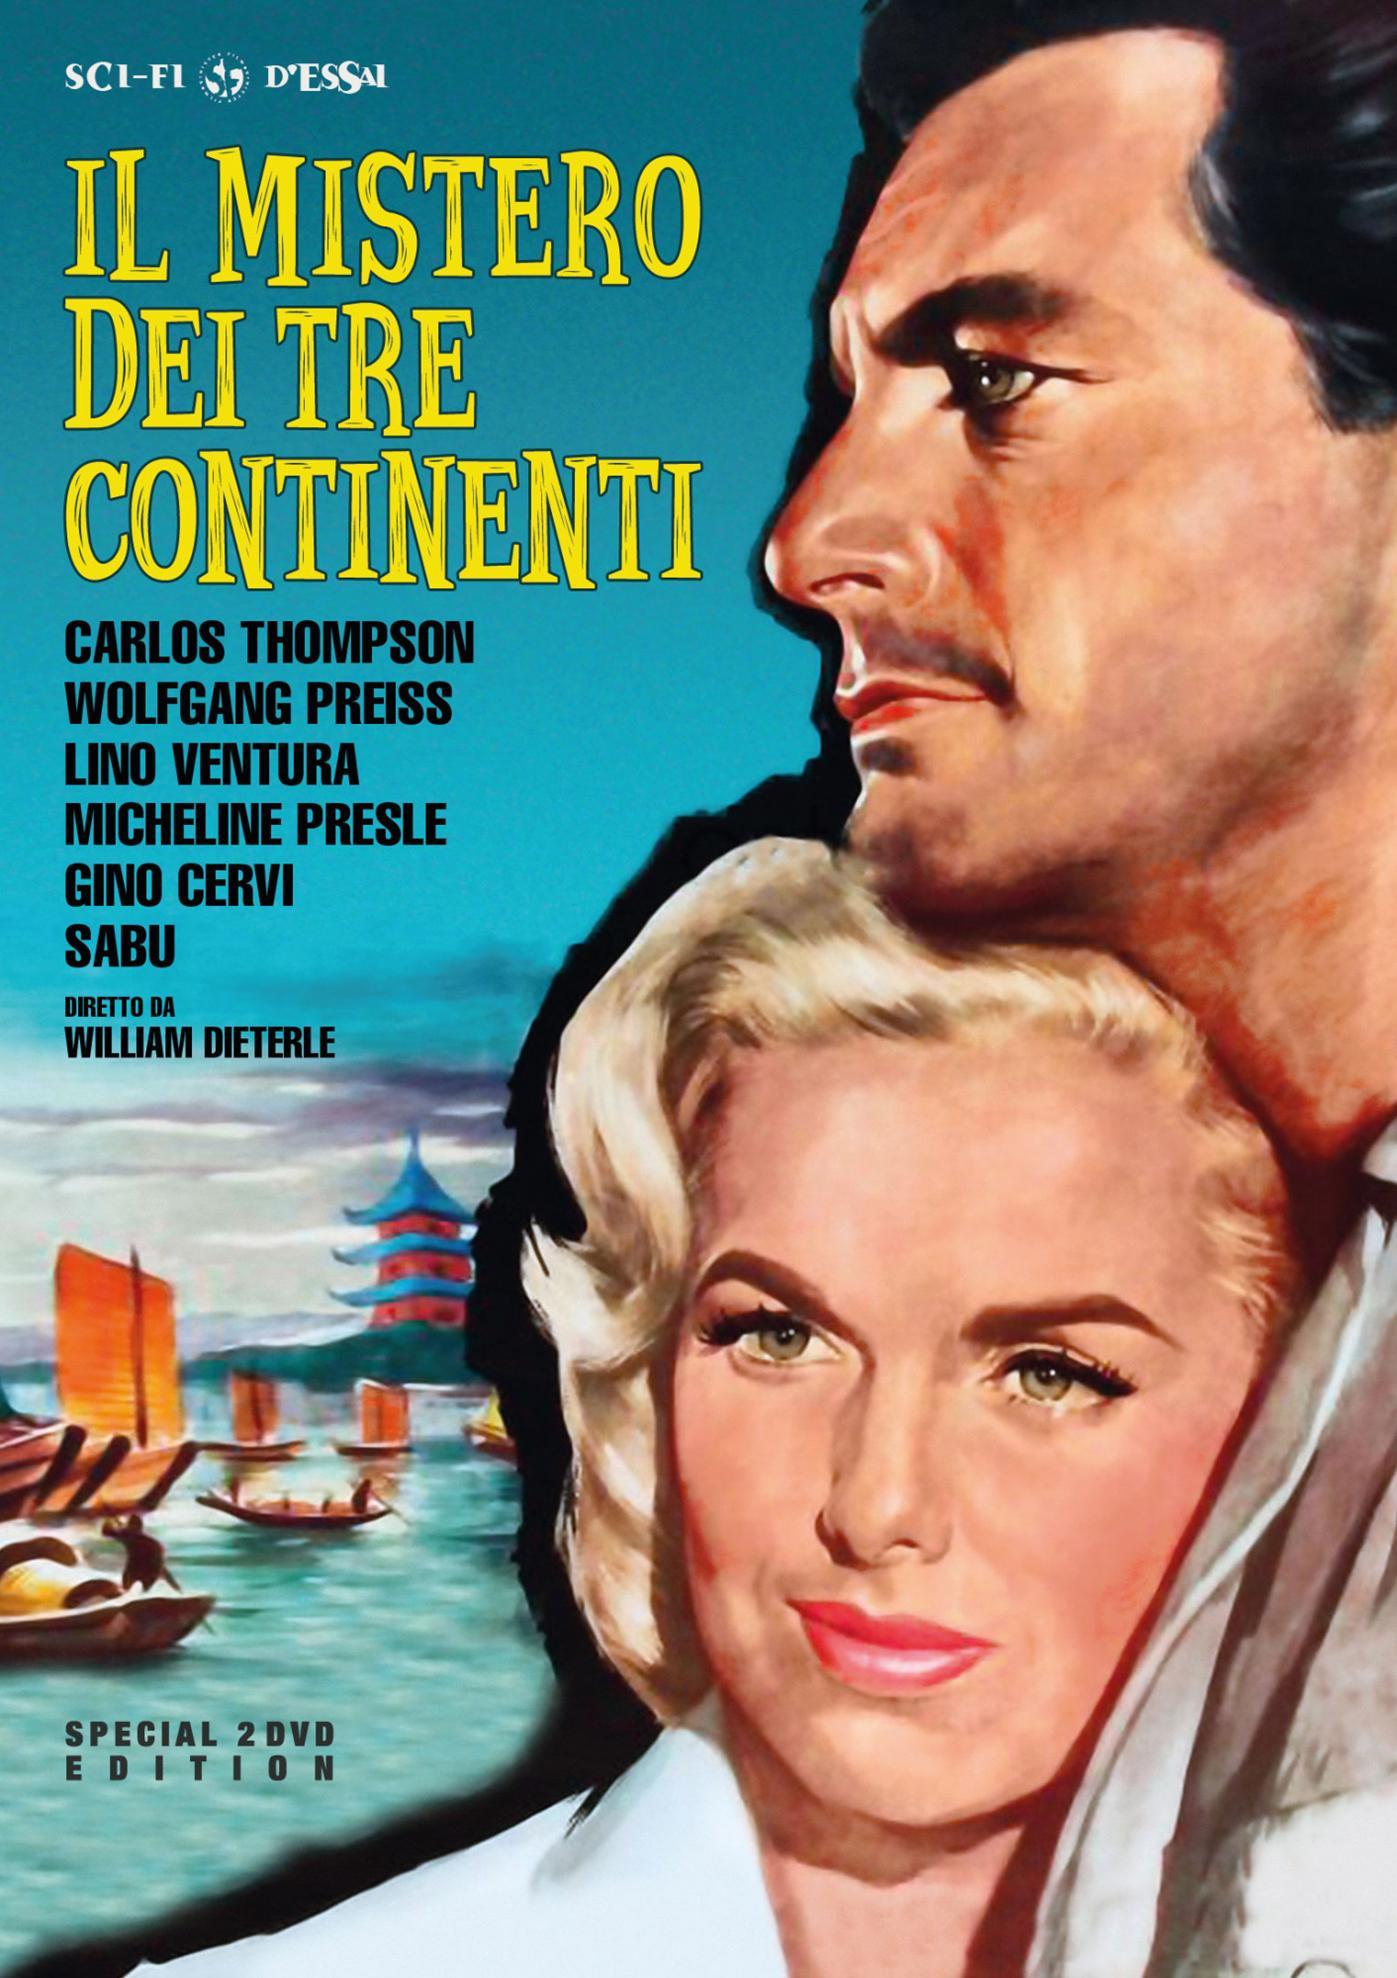 IL MISTERO DEI TRE CONTINENTI (SPECIAL EDITION) (2 DVD) (DVD)